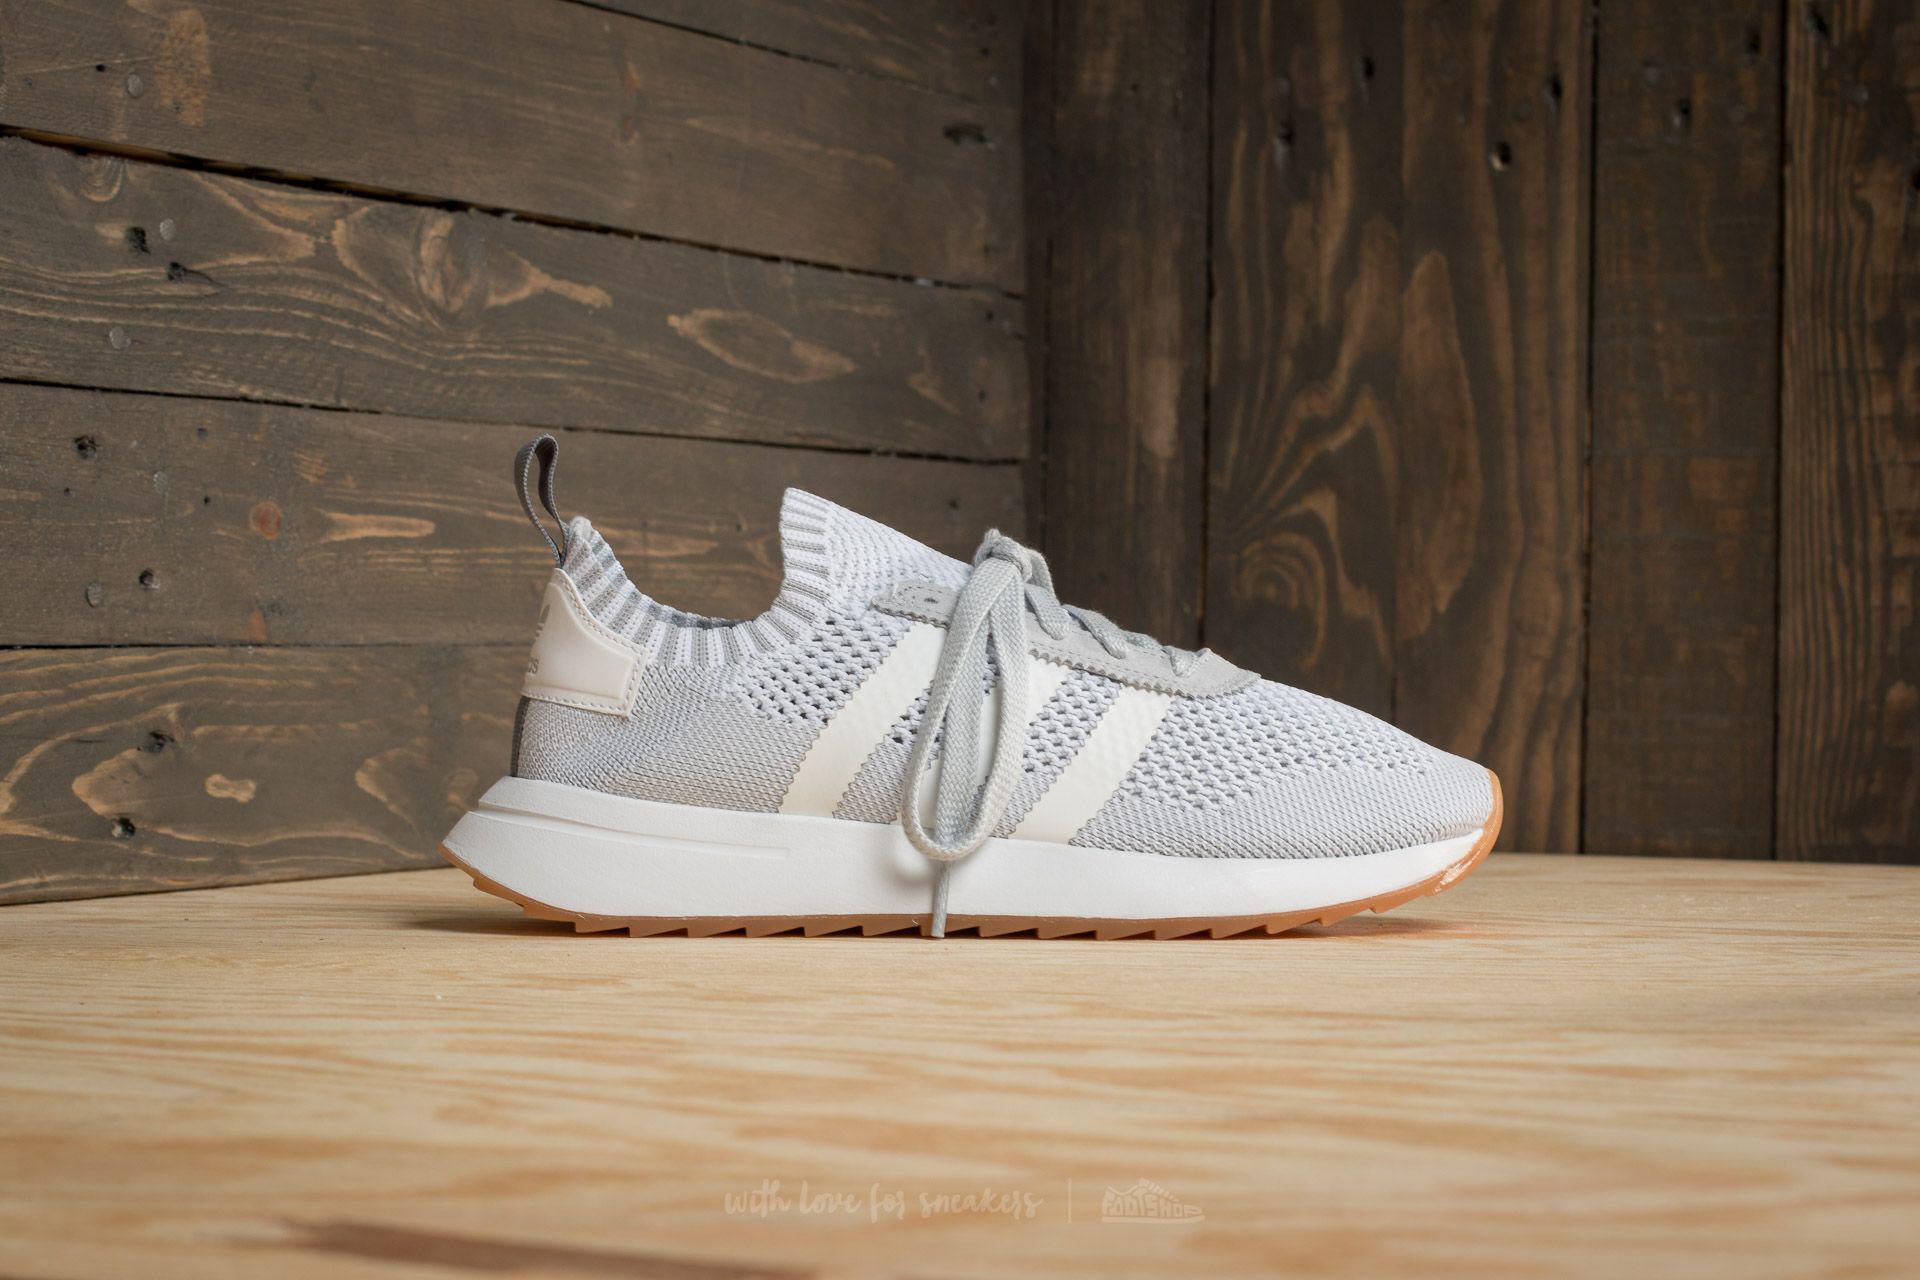 e818a067c794 Lyst - adidas Originals Adidas Flashback W Primeknit Ftw White  Ftw ...